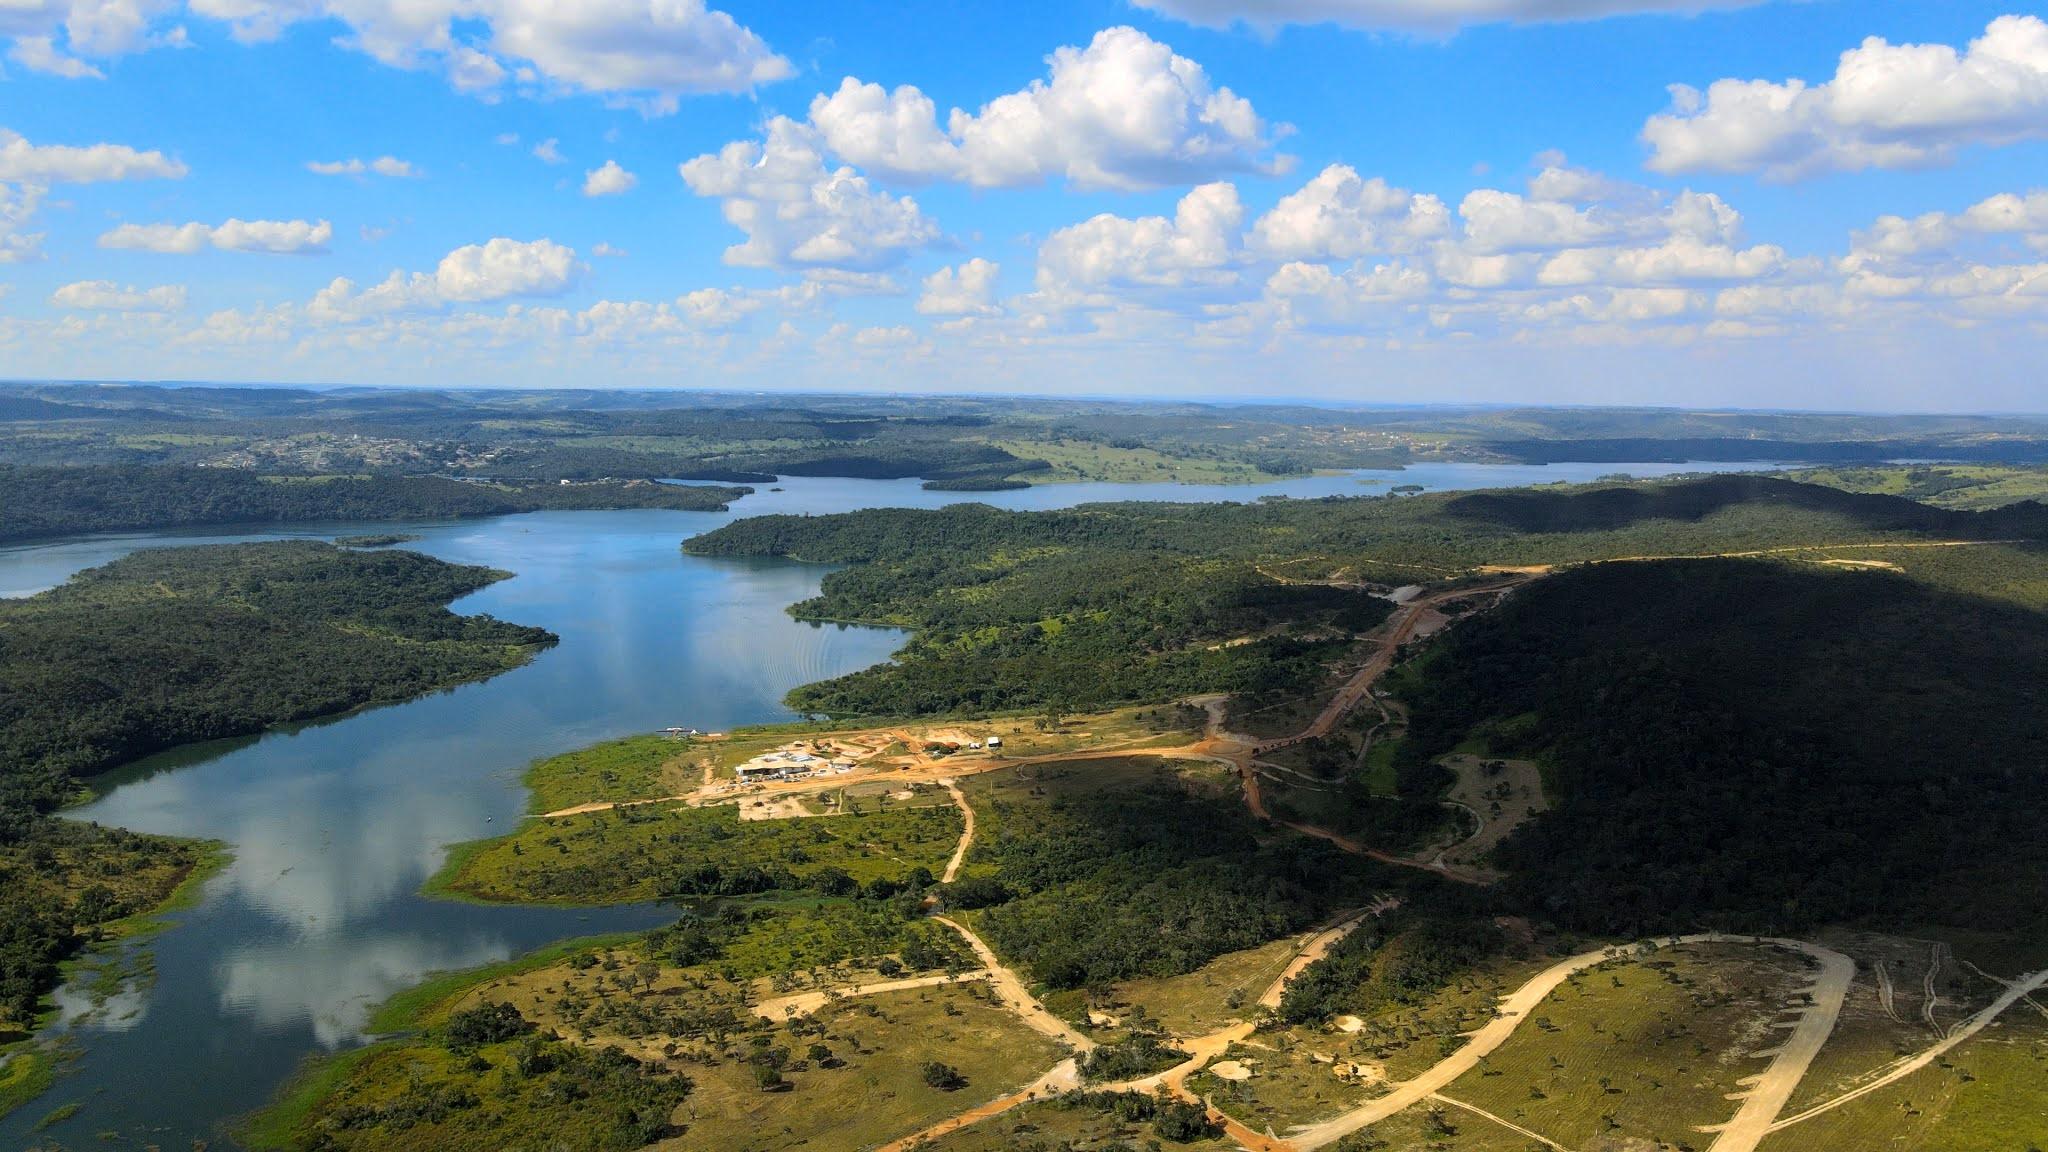 Vista aérea do lago Corumbá IV (Foto: Divulgação)